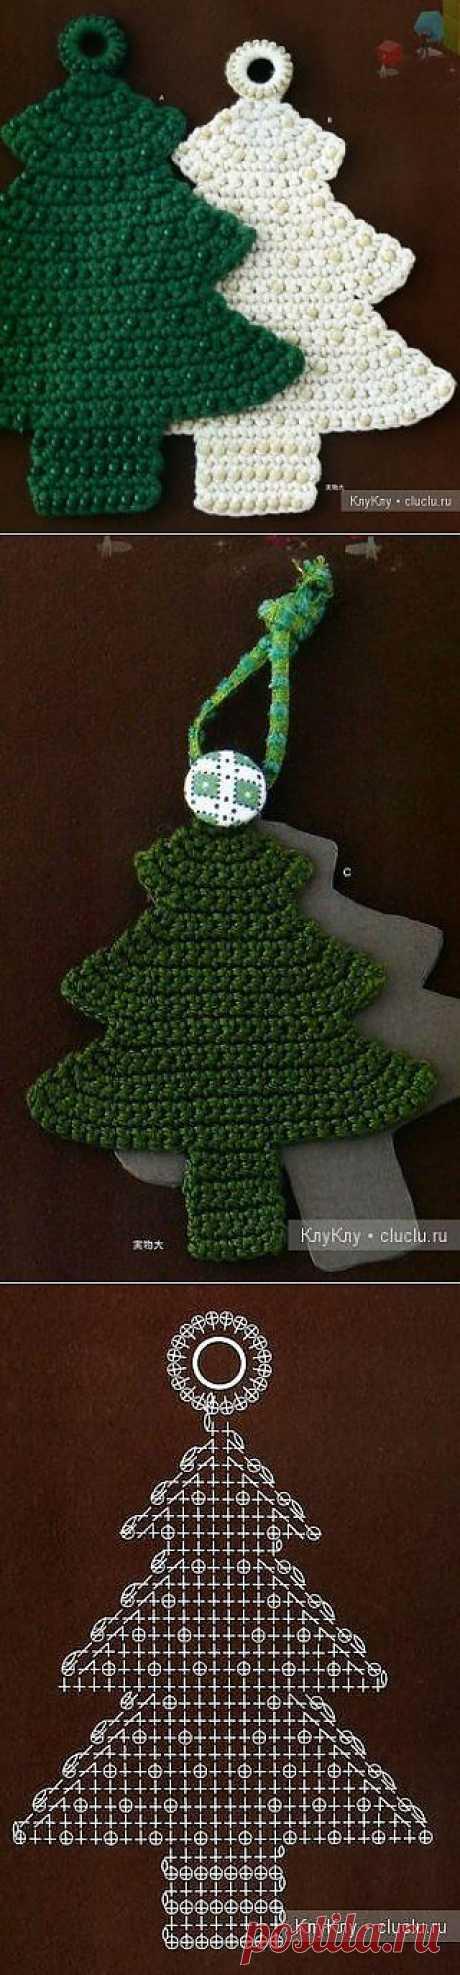 Елочка - украшение на елку своими руками, вязание крючком / Оригинальные поделки, сувениры из бумаги, картона, из природных материалов / КлуКлу. Рукоделие - бисероплетение, квиллинг, вышивка крестом, вязание